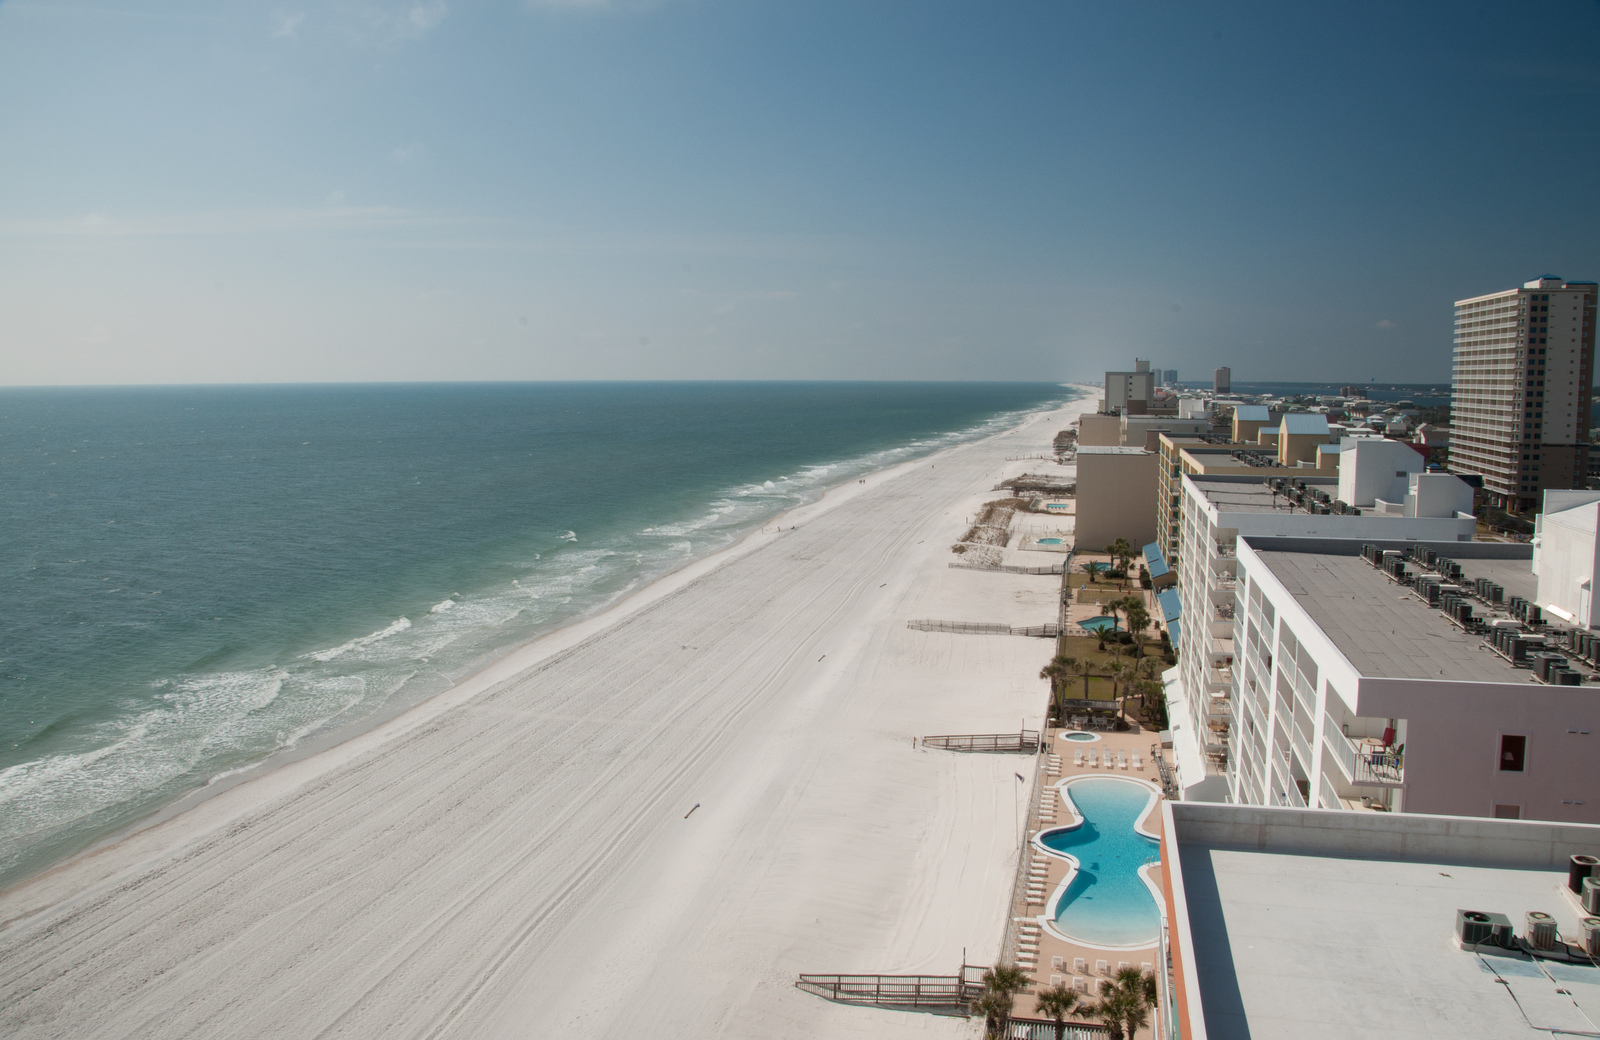 Gulf Shores, Alabama, United States